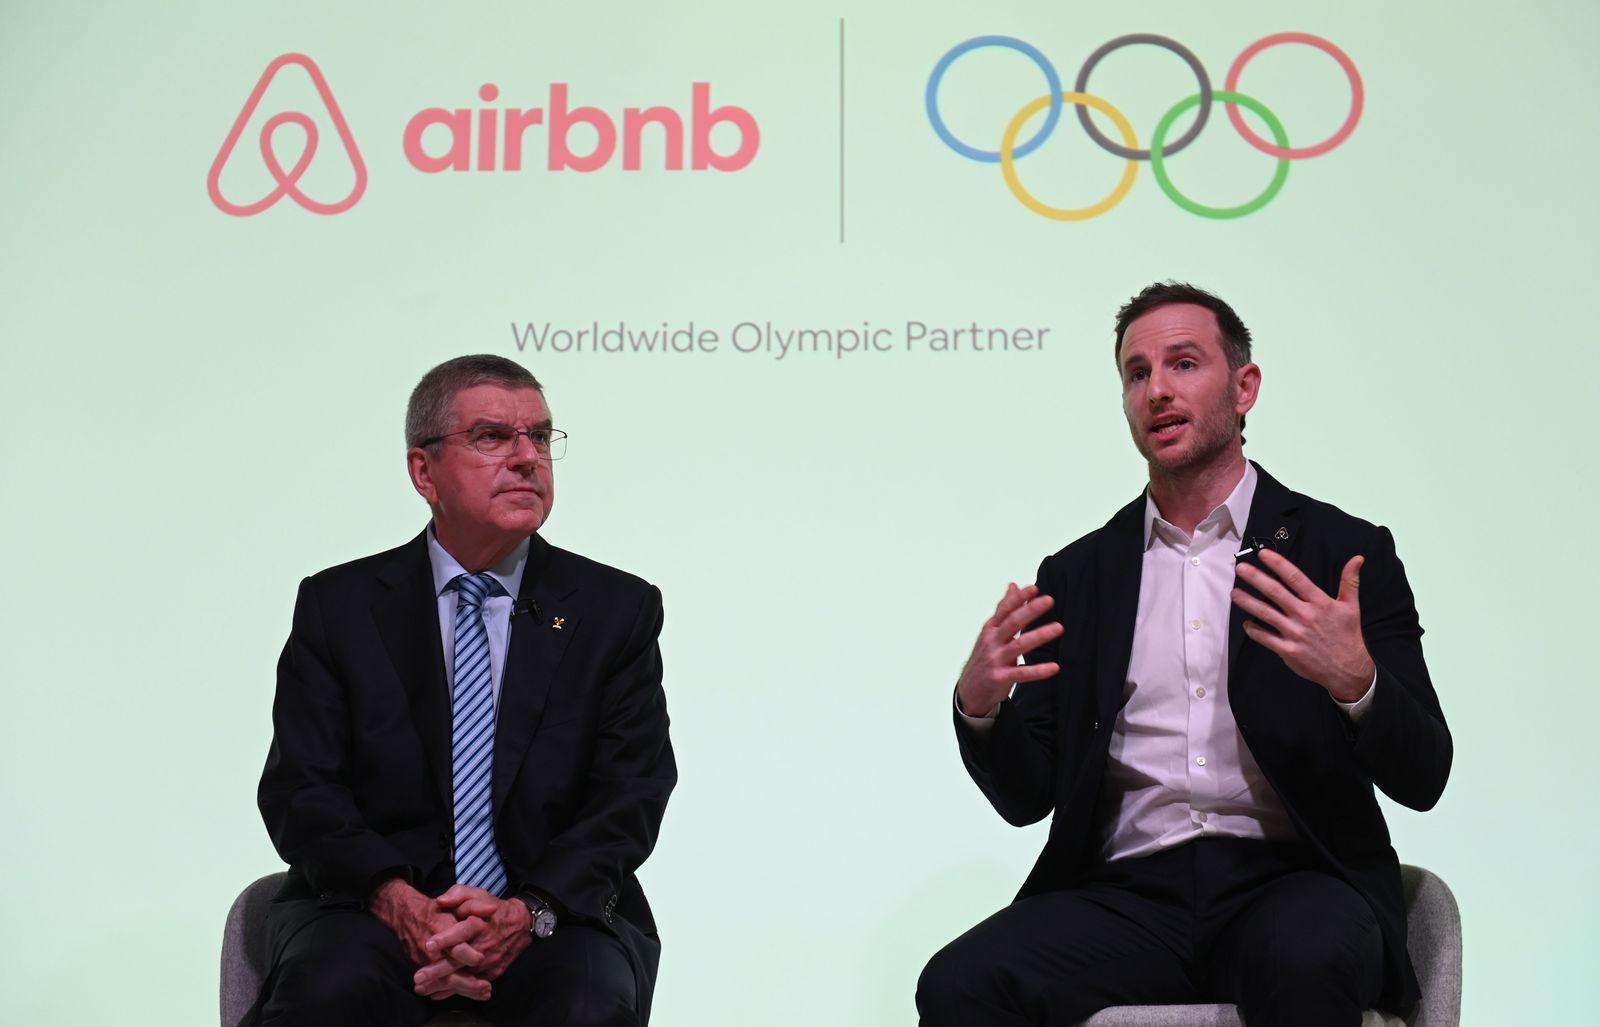 IOC / AIRBNB